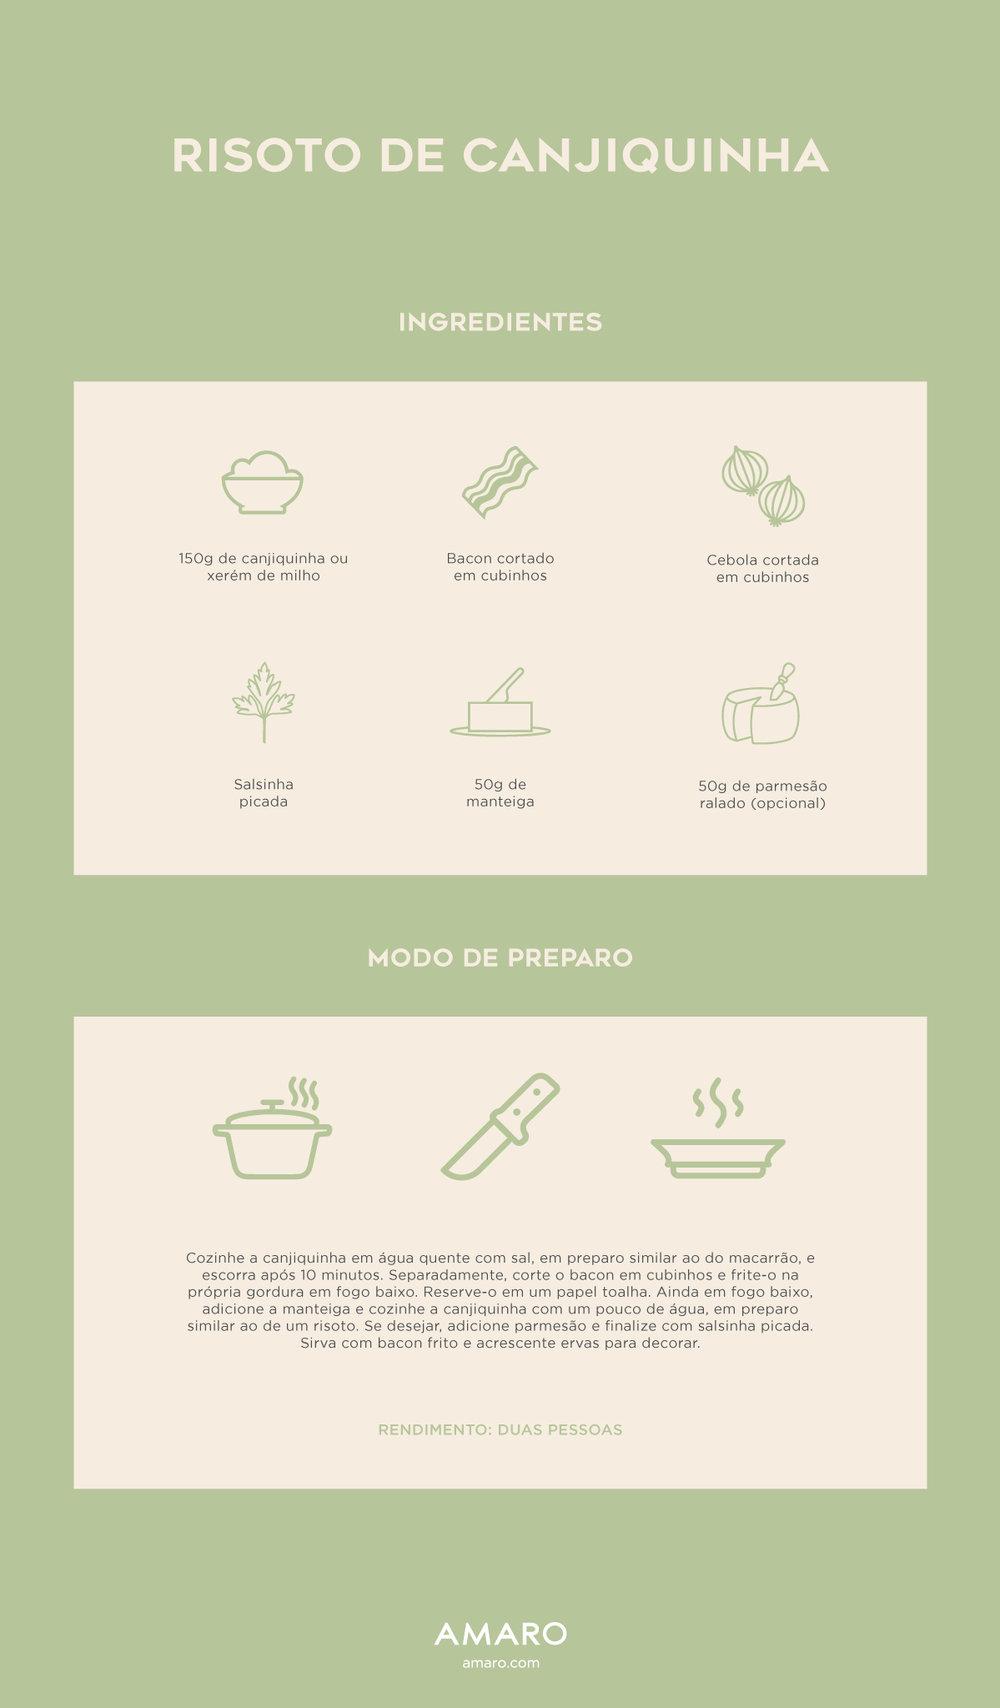 receita-risoto-canjiquinha.jpg